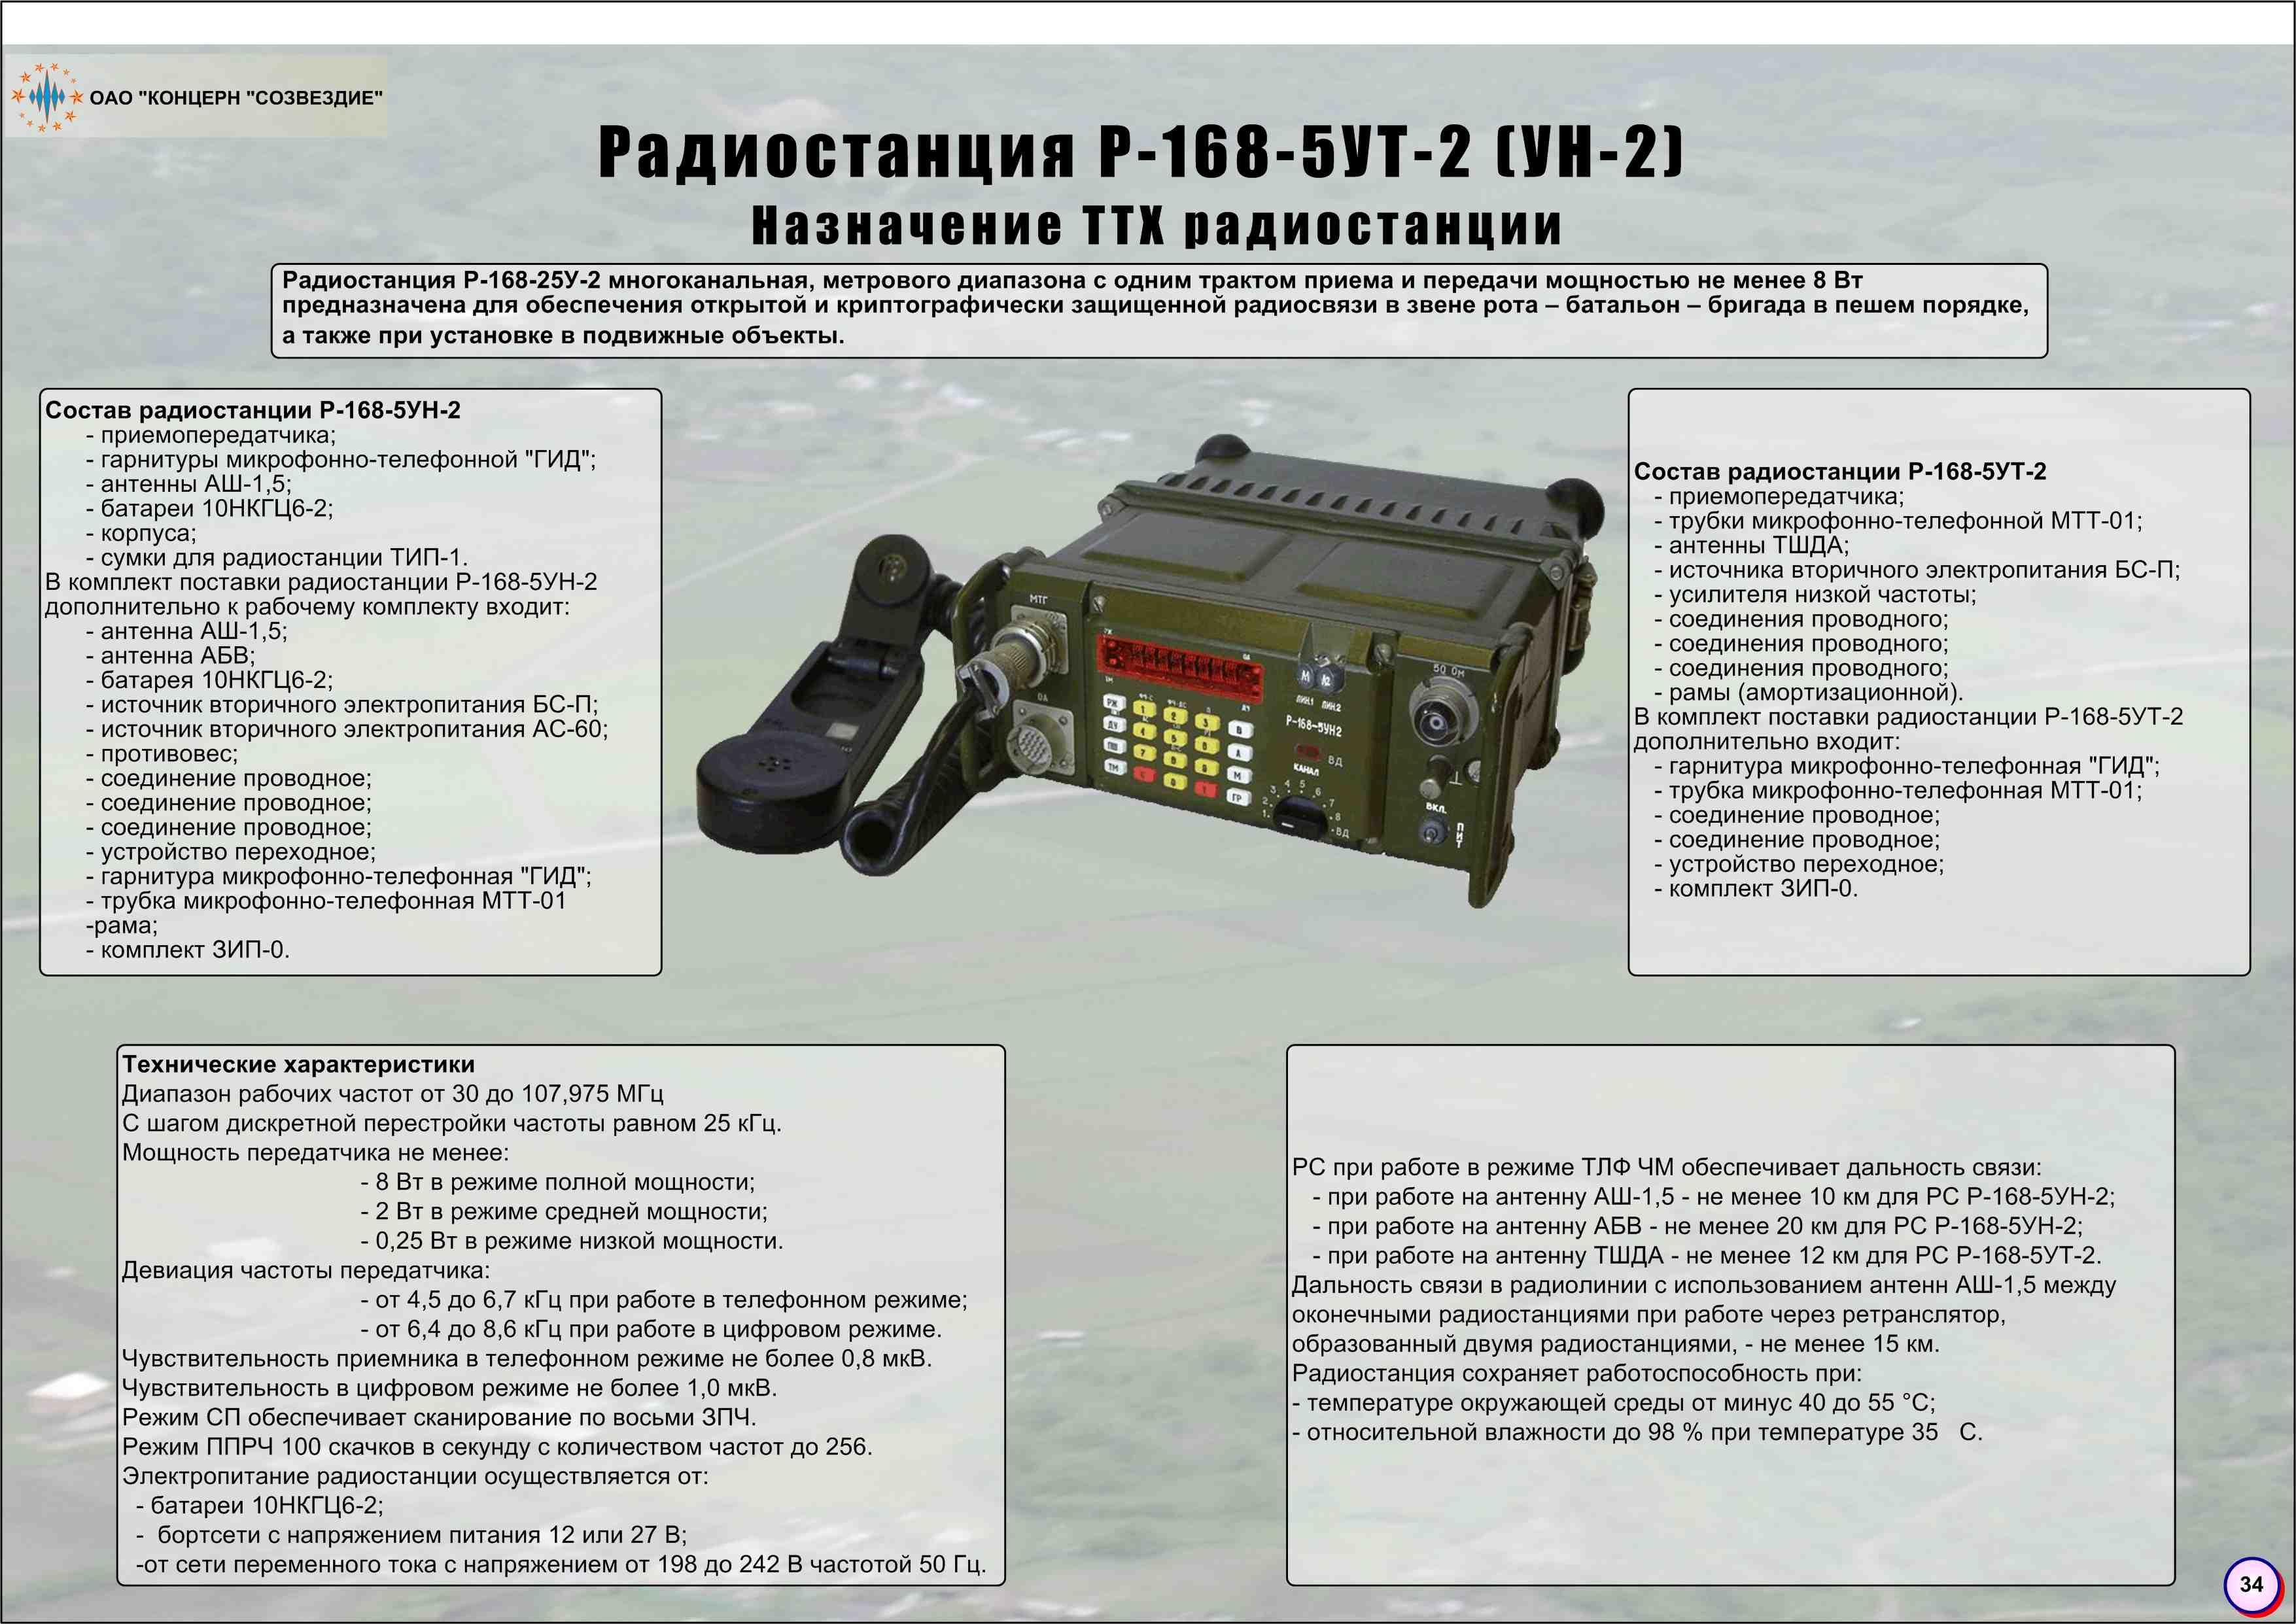 34_r-168-5ut-2